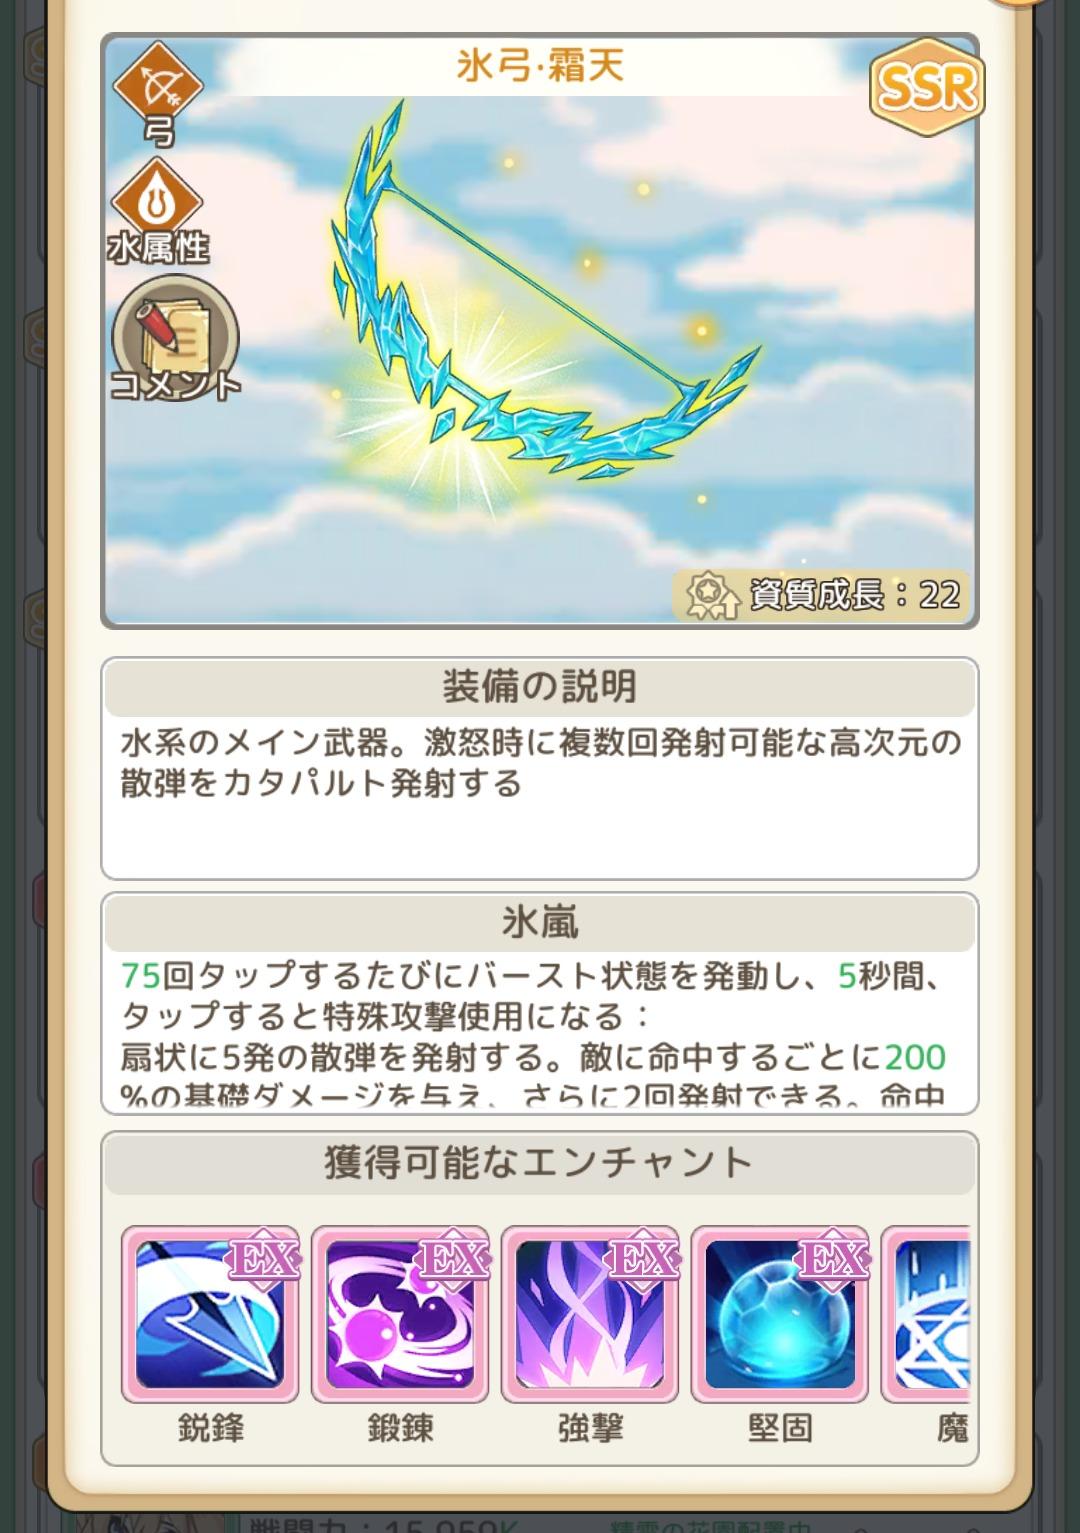 エースアーチャーの氷弓・霜天画像